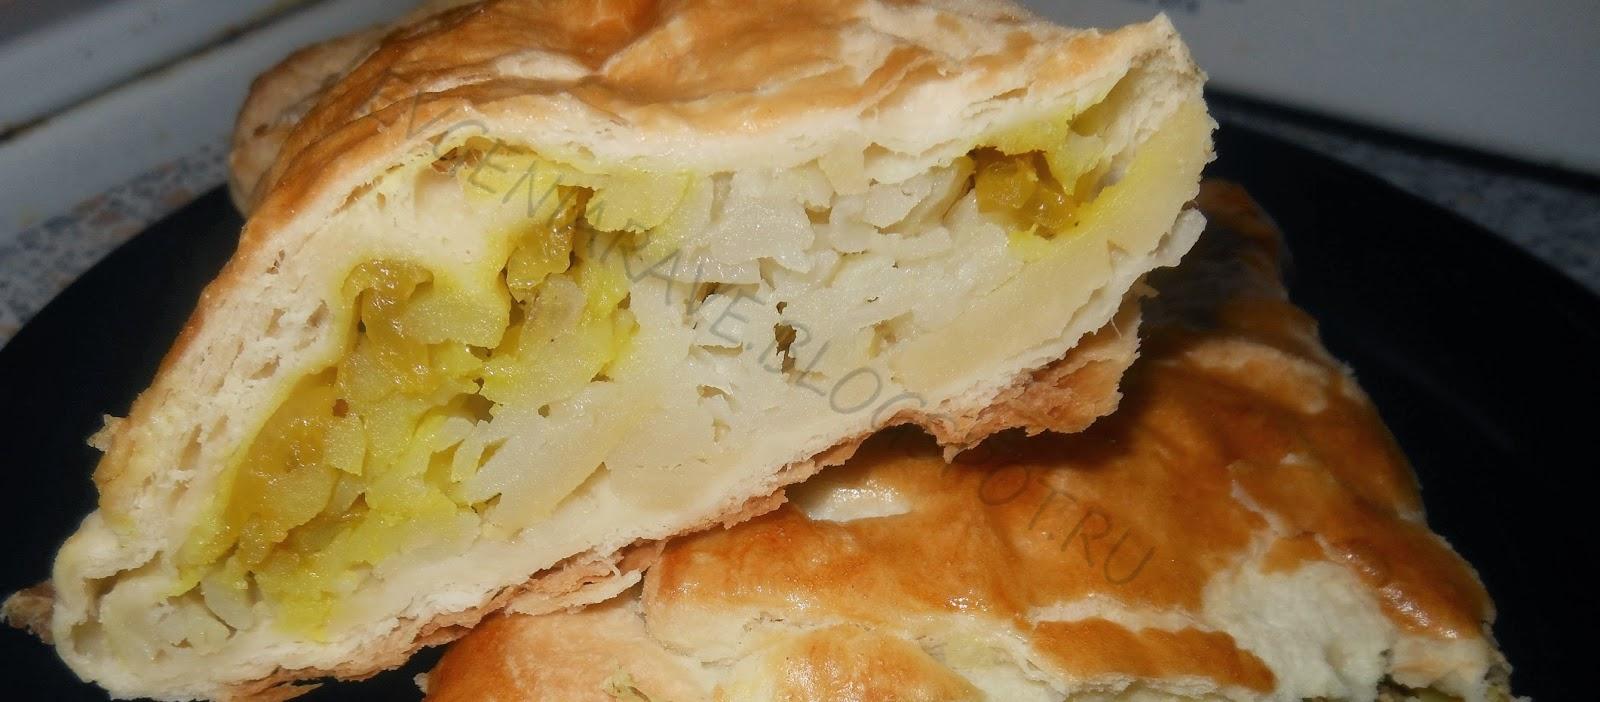 пироги, пироги из слоеного теста, из чего быстро приготовить начинку для пирога, пироги с рыбными консервами, пироги с картошкой, слойки